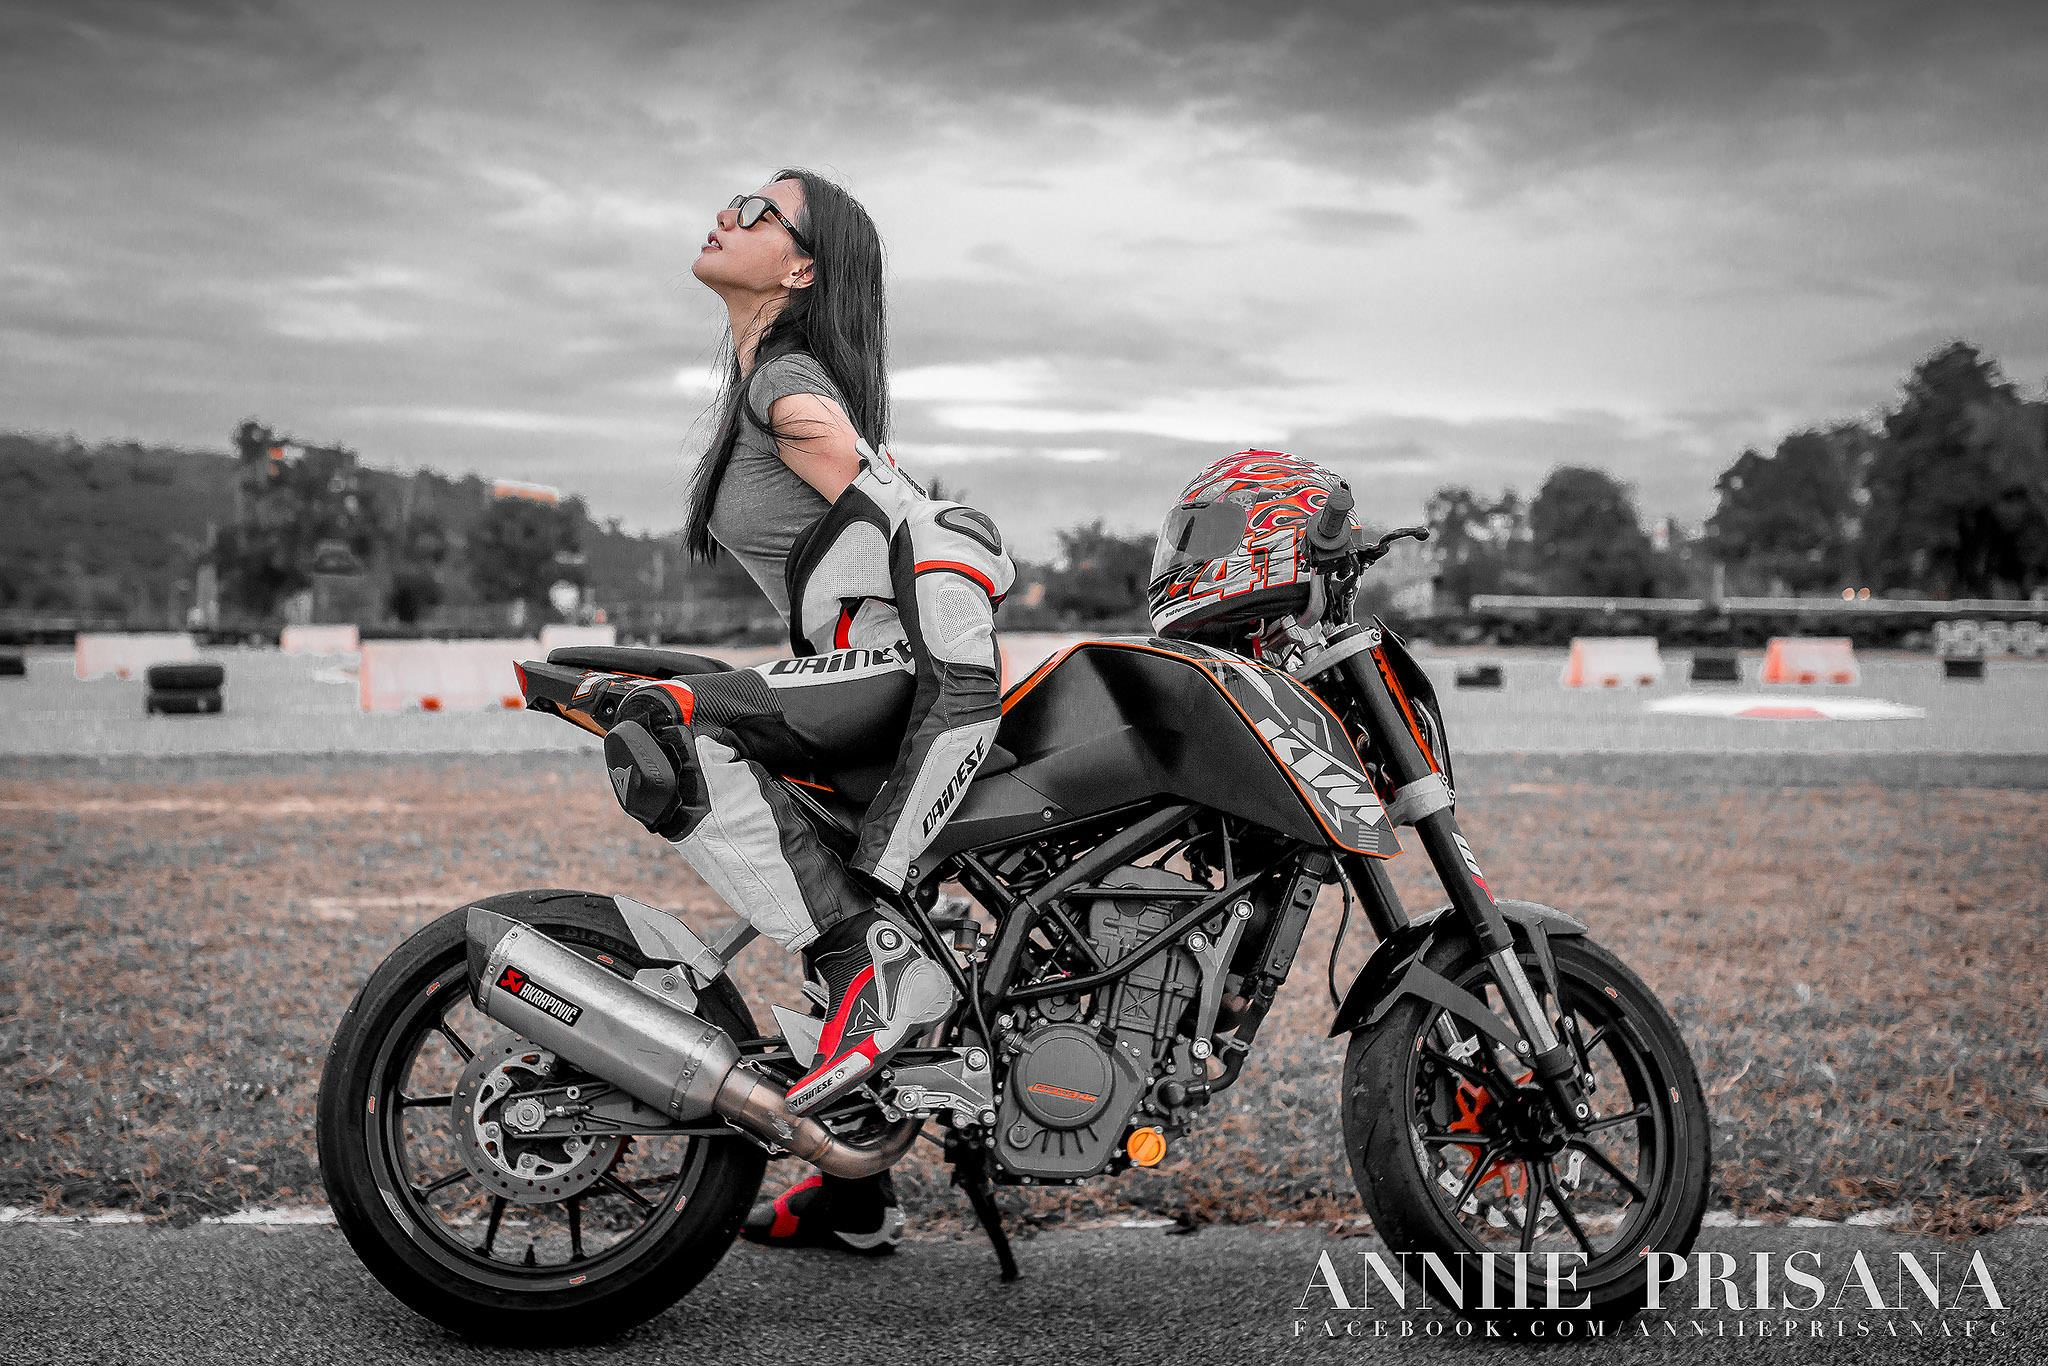 biker chick moto annie bike tracks returns chonburi asphalt thailand favourite